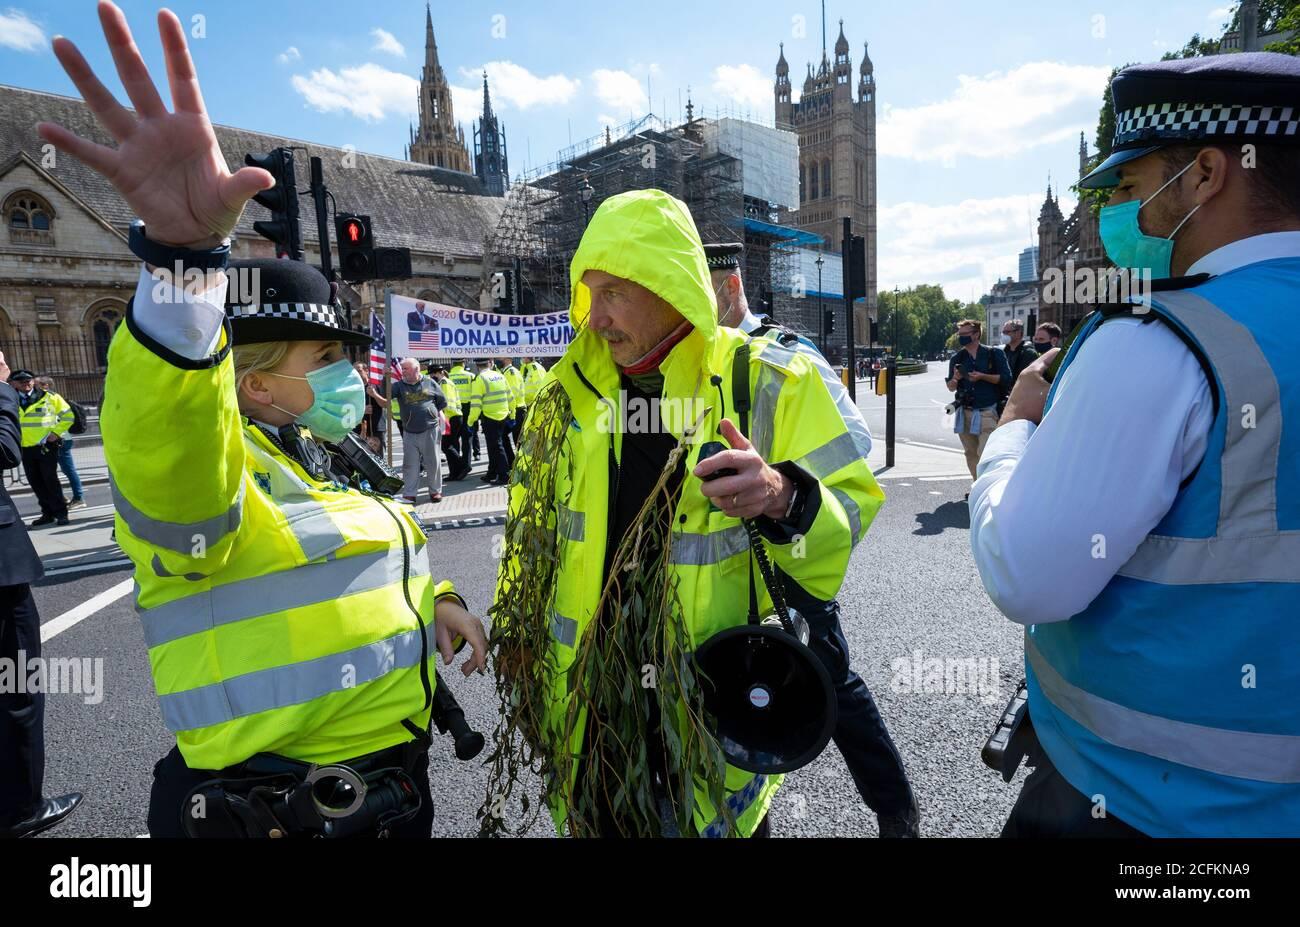 Westminster, Londres, Reino Unido. 1 de septiembre de 2020. Rebelión extinción protesta de Londres, primera de 10 días de acciones planeadas para el cambio climático. Los manifestantes anteriores del XR habían marchado con pancartas y pancartas desde la plaza Trafalgar y la plaza del Parlamento ocupada y las carreteras que la rodeaban. Los manifestantes pedían al Parlamento que respalde el proyecto de ley sobre el clima y la emergencia ecológica (proyecto de ley CEE). A medida que avanzaba el tiempo, la Policía Metropolitana hizo arrestos, limpiando la zona frente al Parlamento, y algunos manifestantes comenzaron a irse. Se planearon múltiples protestas en todo el Reino Unido. Crédito: Stephen Bell/Alamy Foto de stock